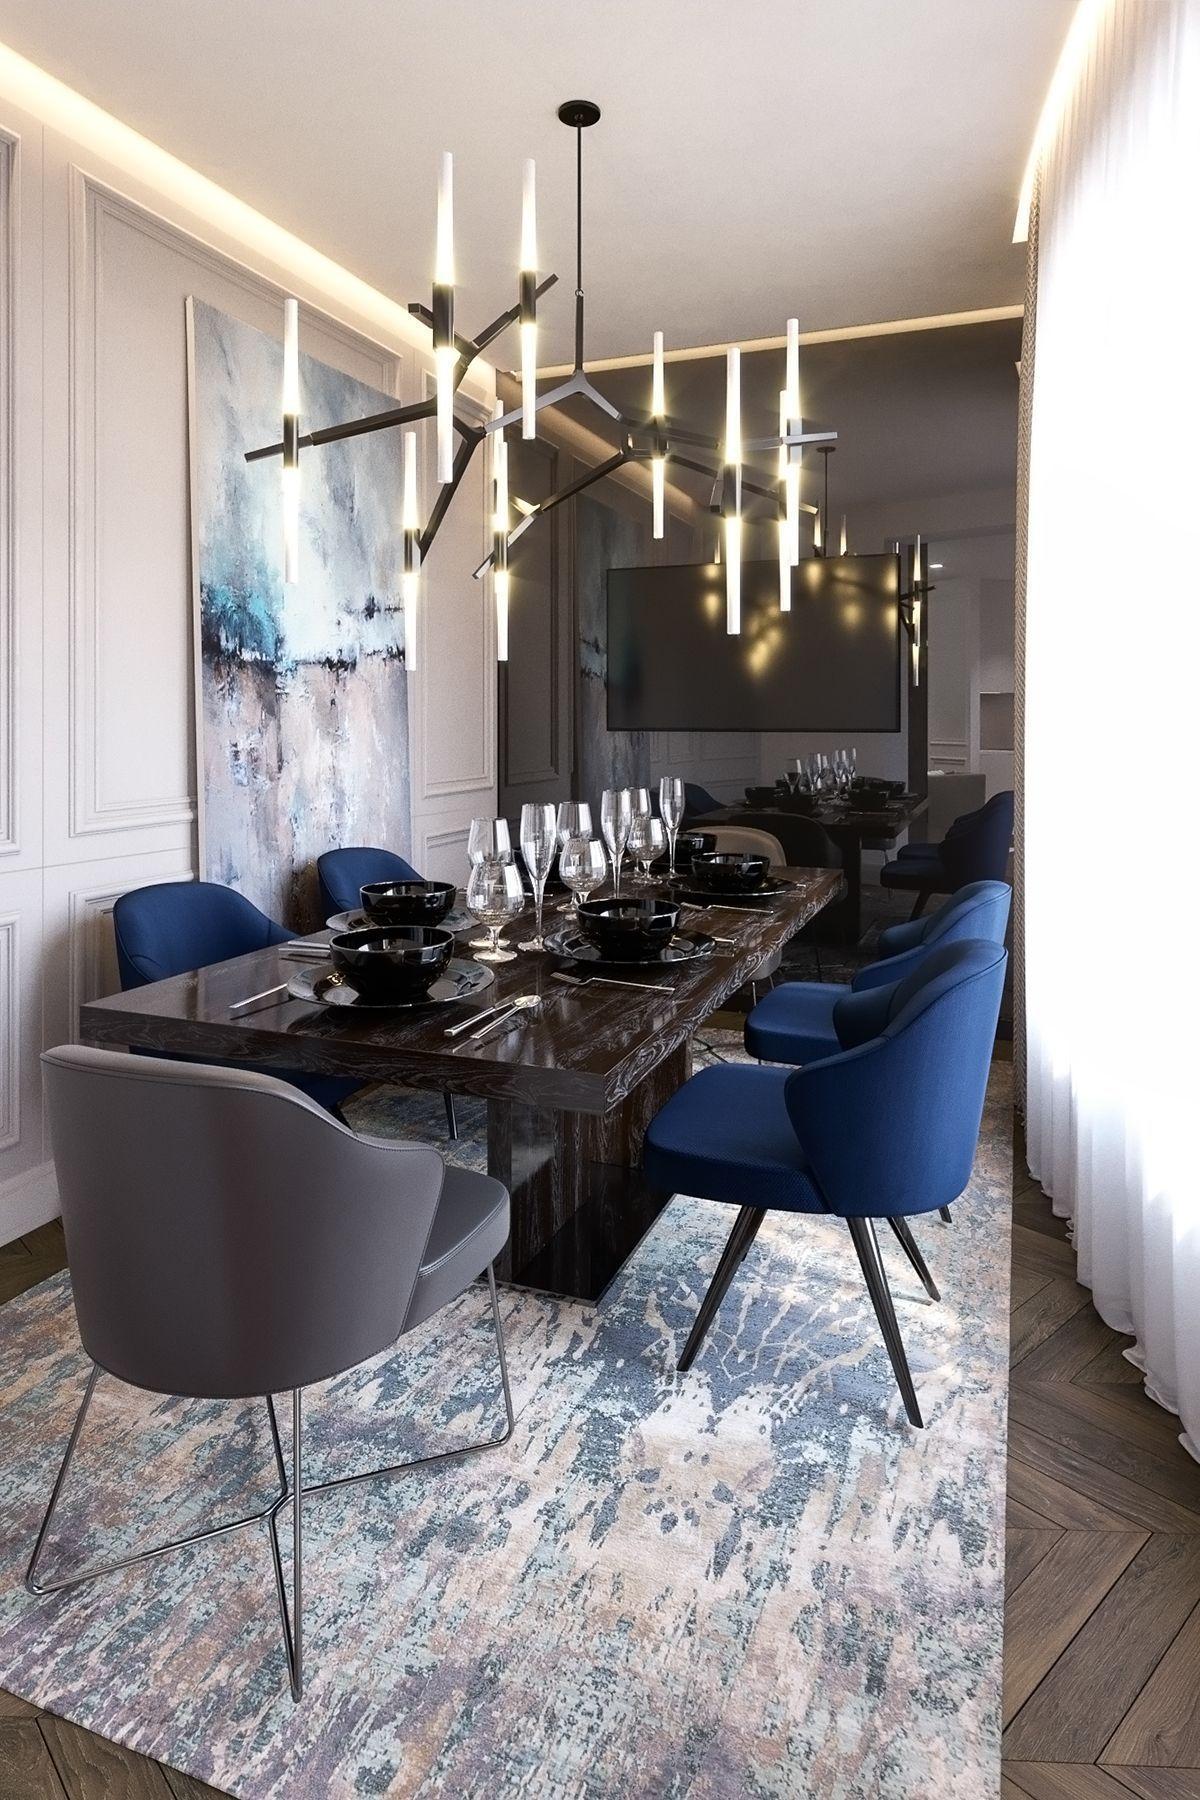 Best Mid Century Dining Room Ideas Https Www Delightfull Eu En Get Ideas For Dining Room Chandelier Di Dining Room Small House Interior Dining Room Design